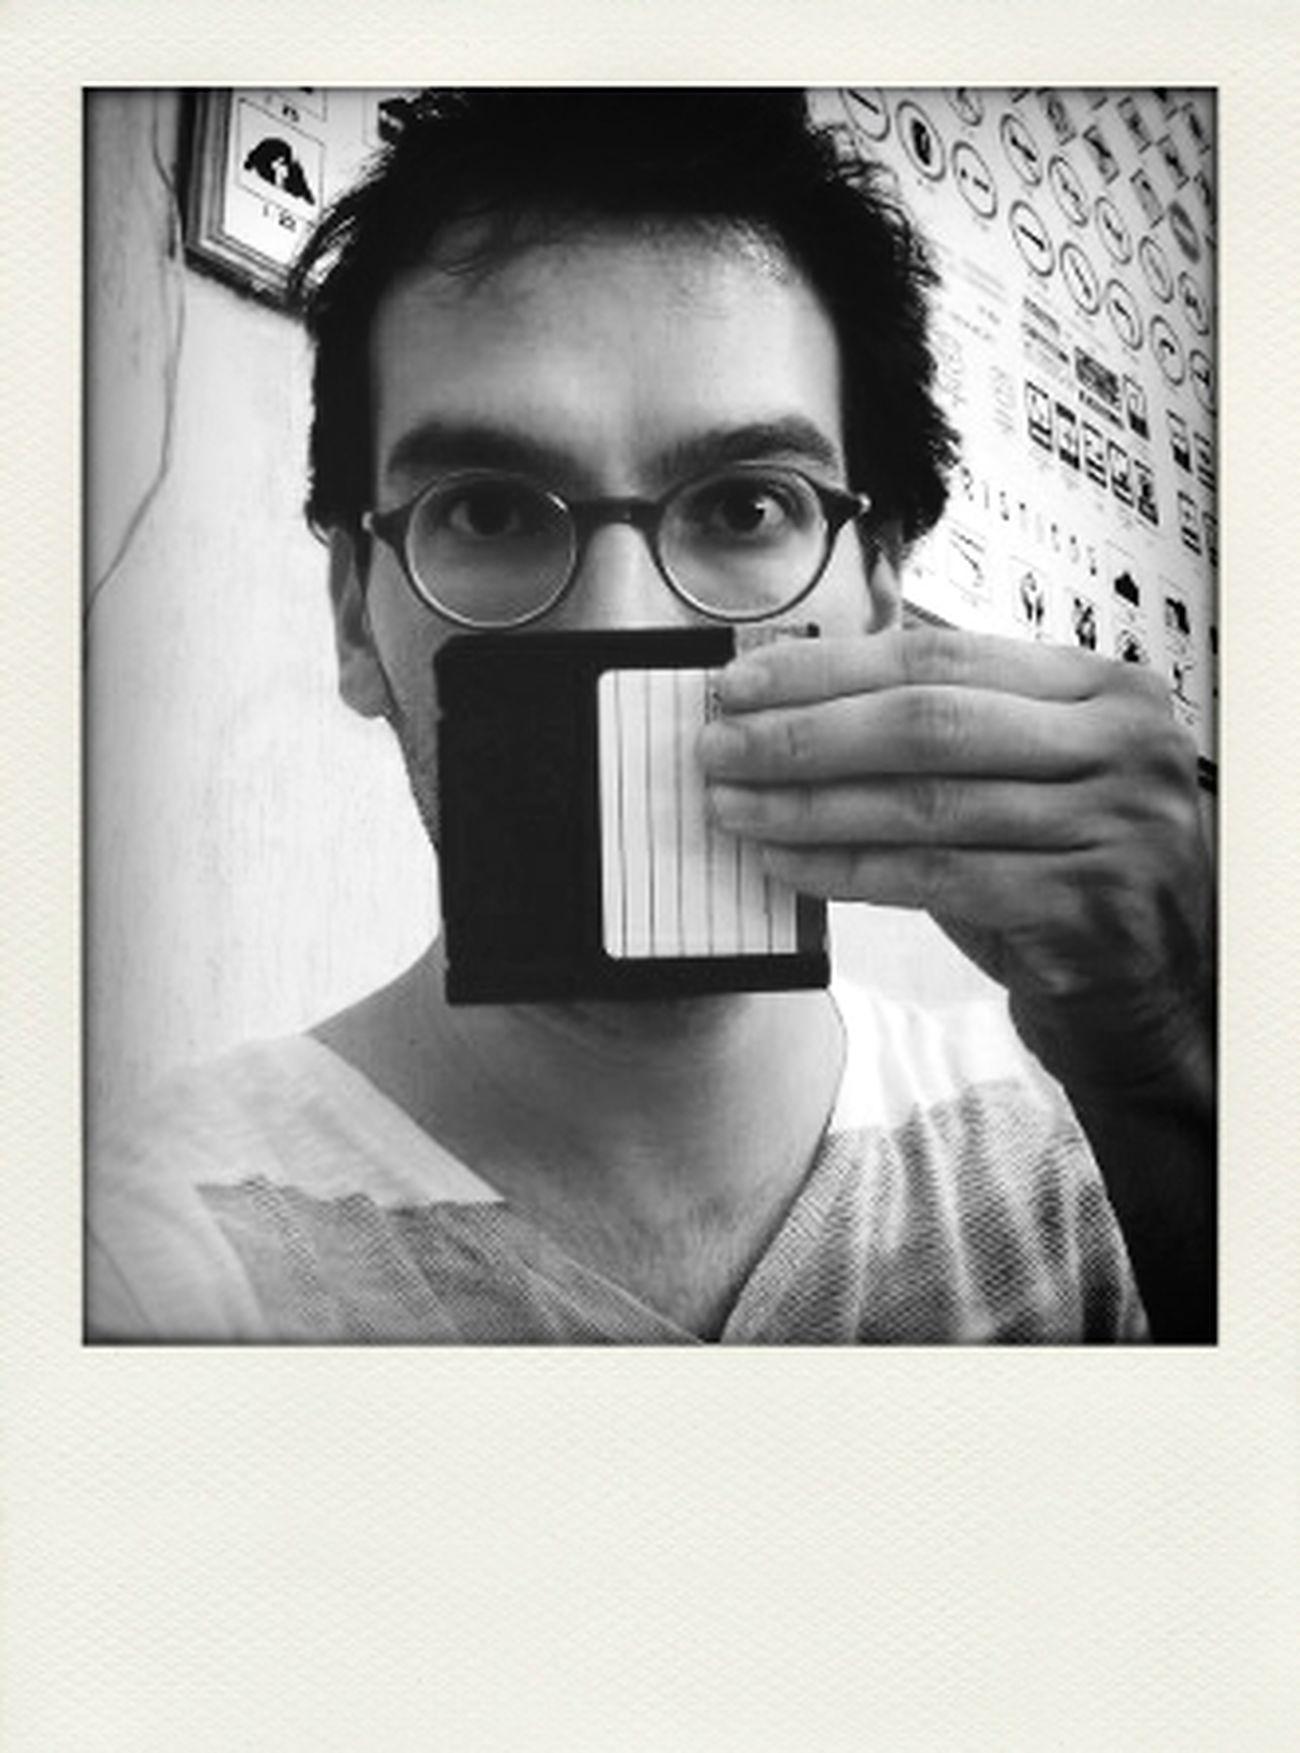 Bw Disk Elle Va T'appeler Ma Moitié, Mon Ange, Mi Amor… Cache Ta Carte Bleue Si Un Jour Elle T'appelle Mon Trésor. Disquetteuse Un Jour , Disquetteuse Toujours. #t Taking Photos